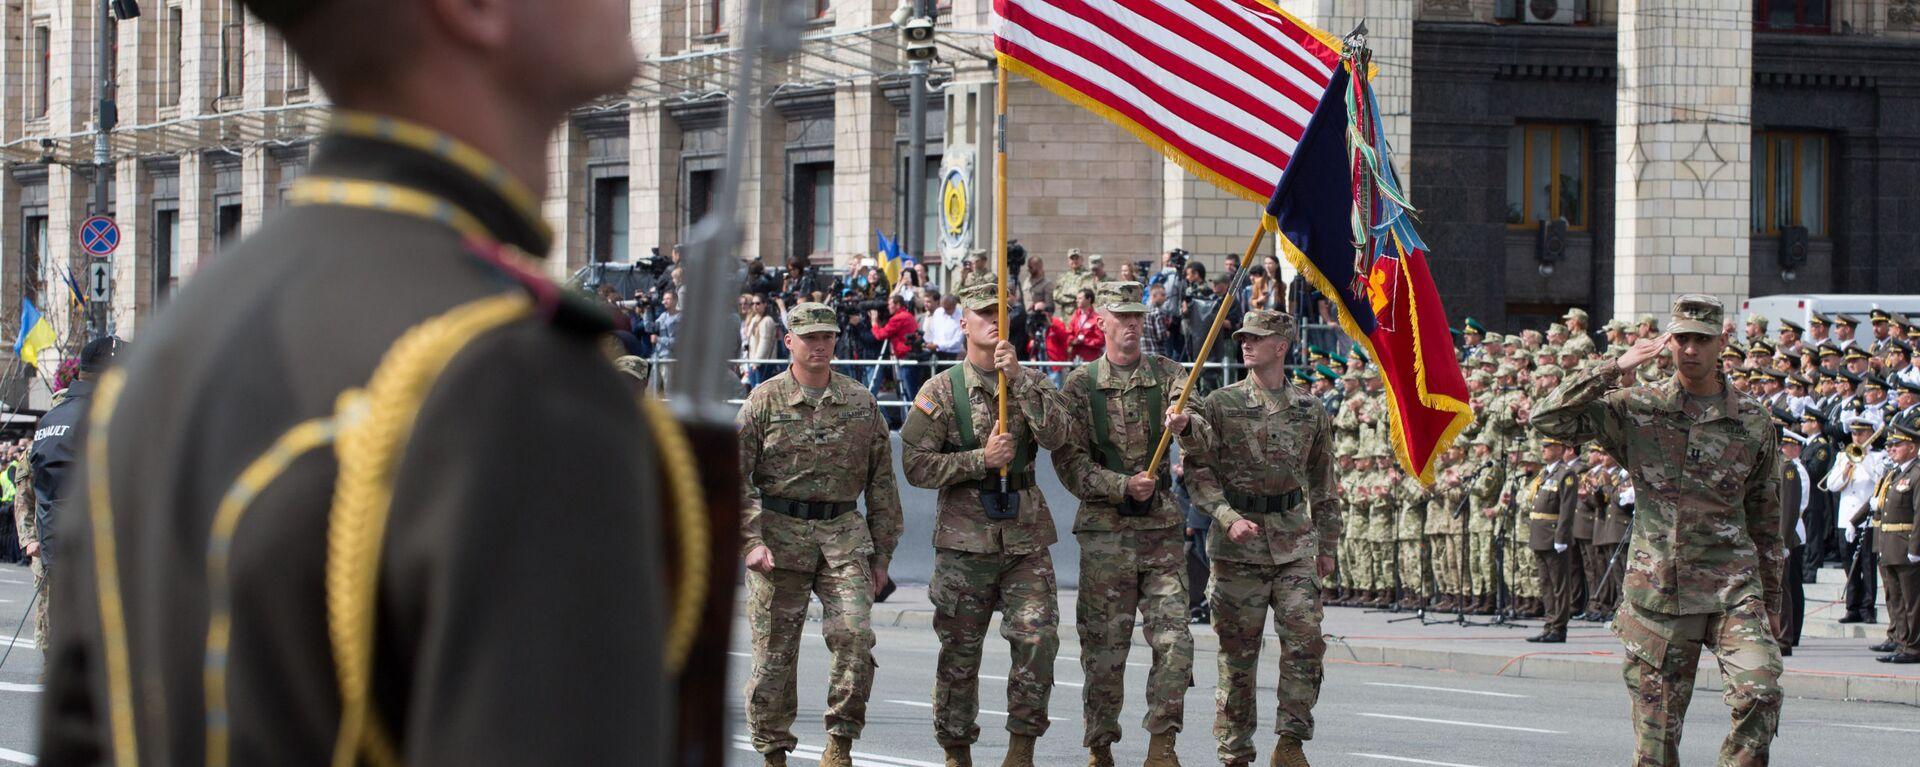 Vojáci členských zemí NATO na vojenské přehlídce v Kyjevě při příležitosti oslavy Dne nezávislosti Ukrajiny - Sputnik Česká republika, 1920, 17.05.2021